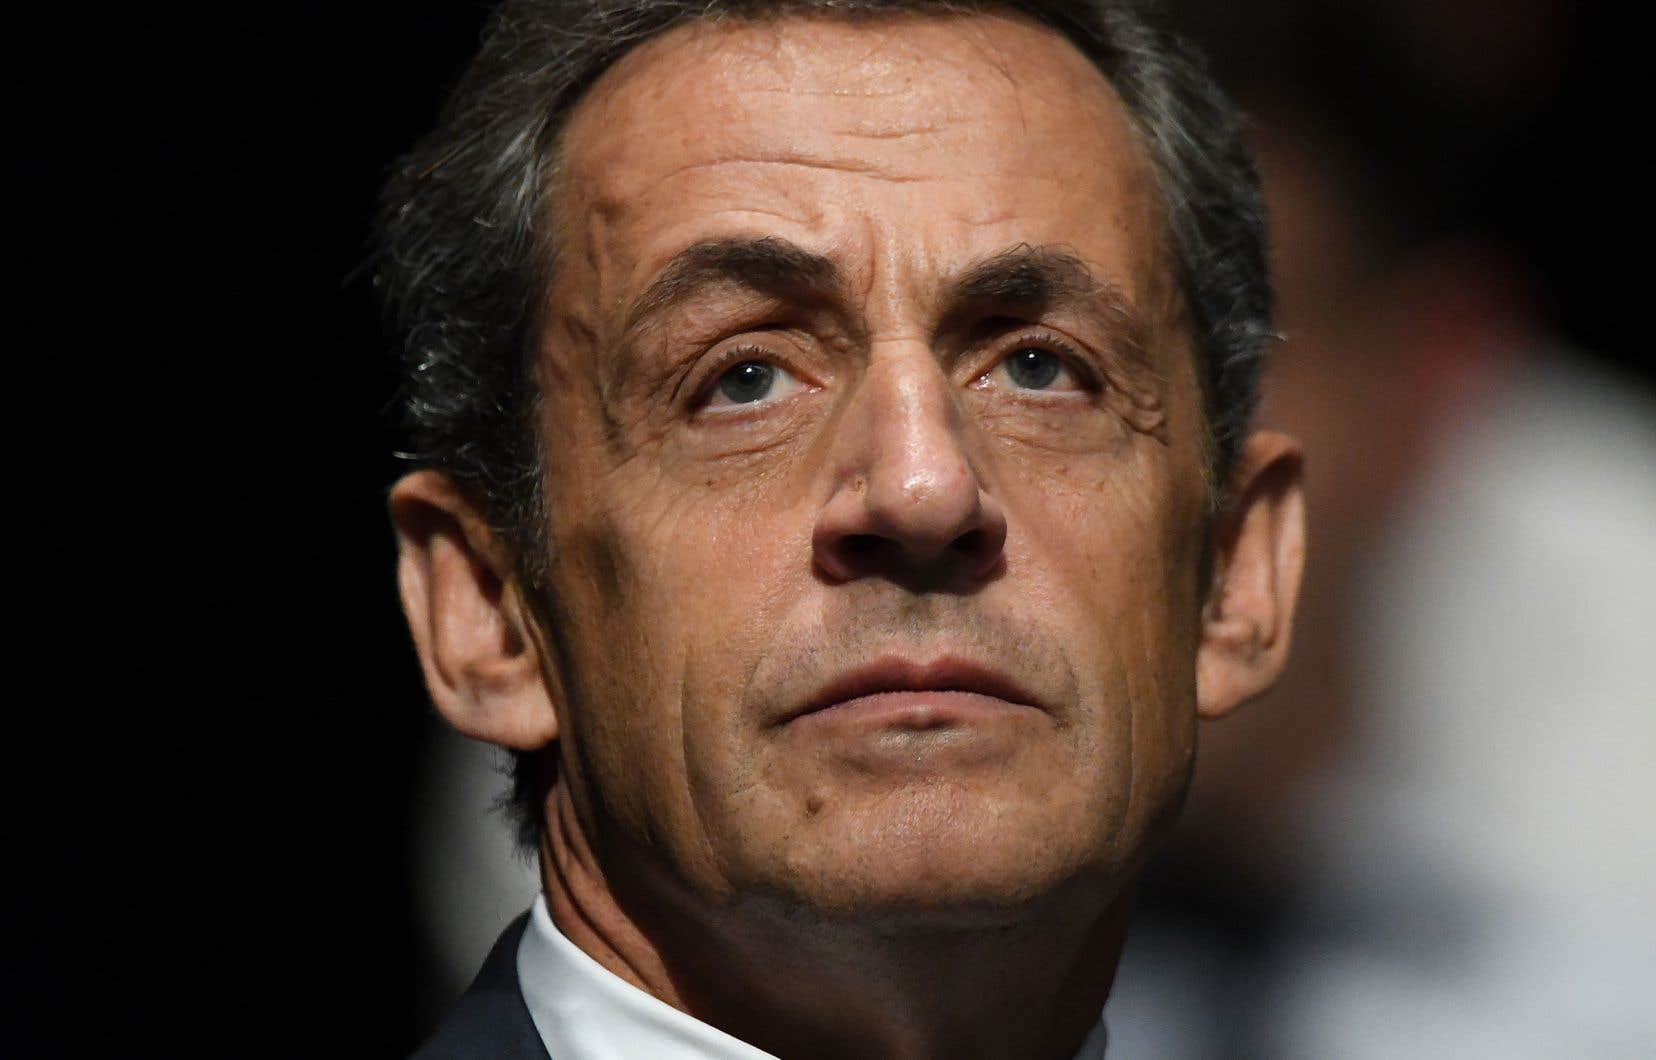 L'ancien président français,Nicolas Sarkozy, encourt dix ans de prison et un million d'euros d'amende pour corruption et trafic d'influence.